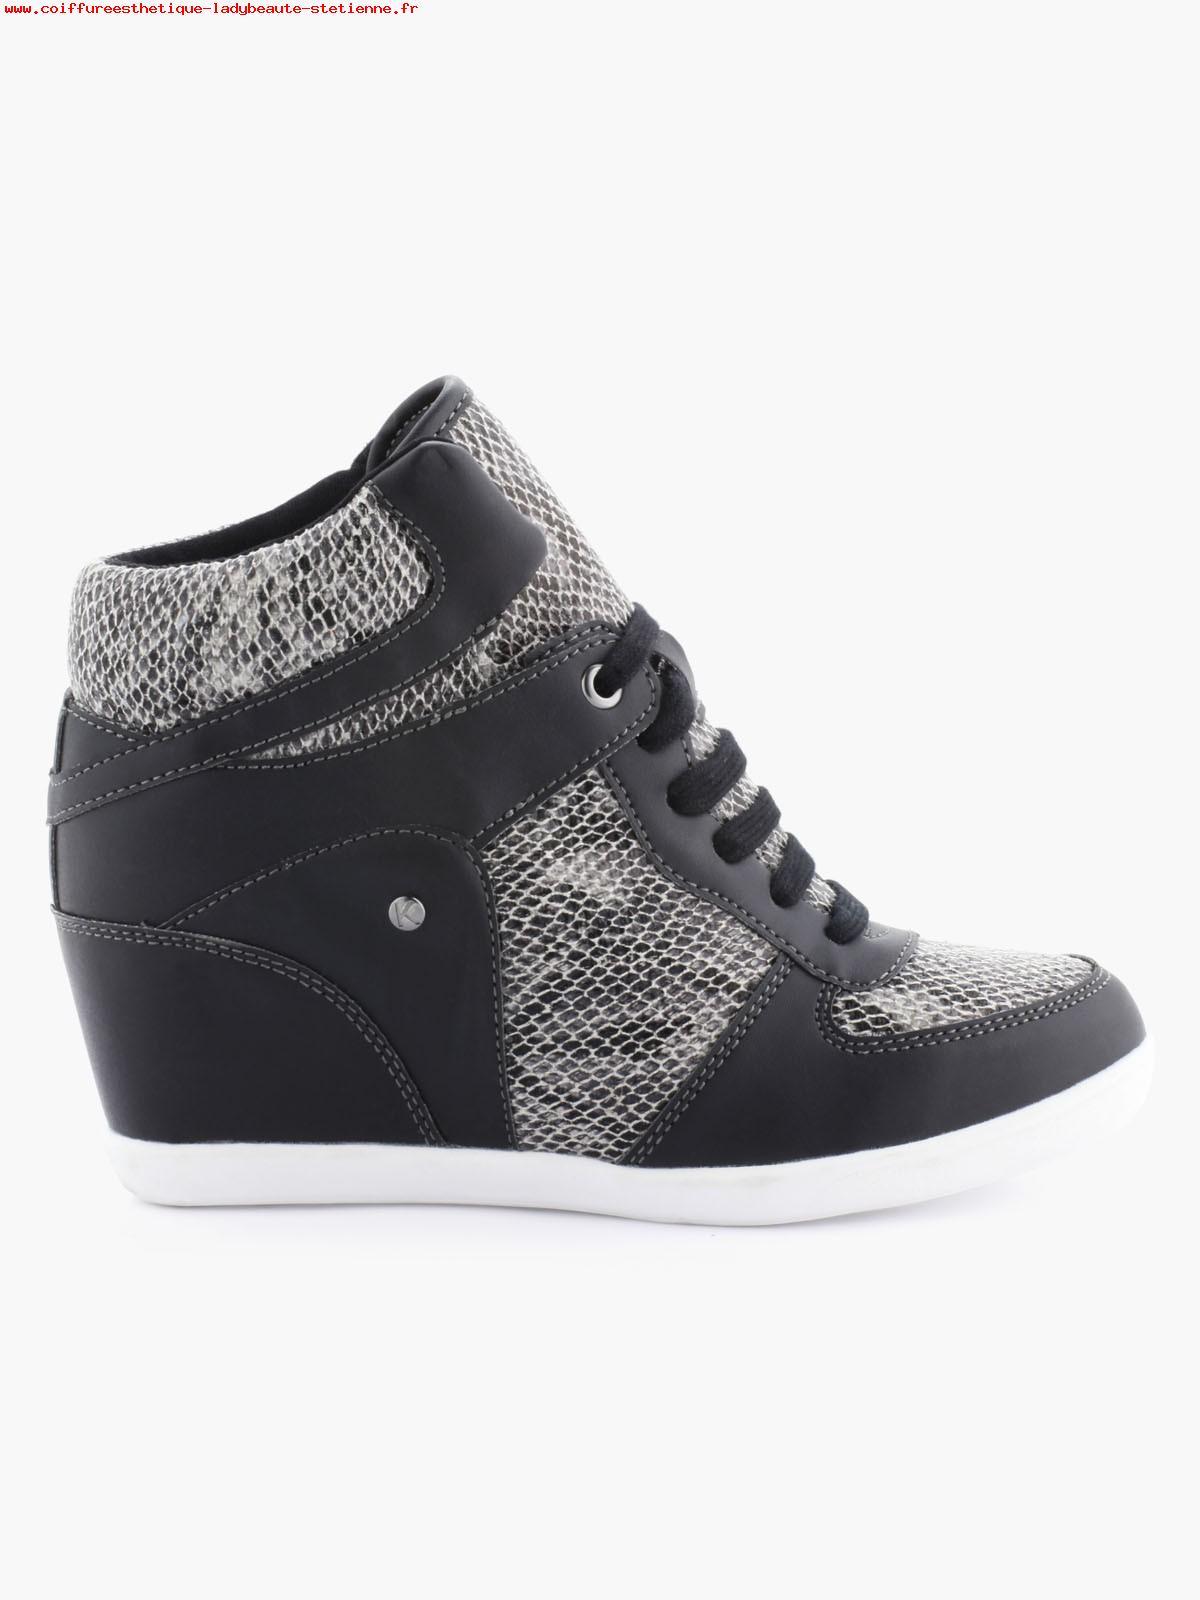 Chaussure compensée lpb